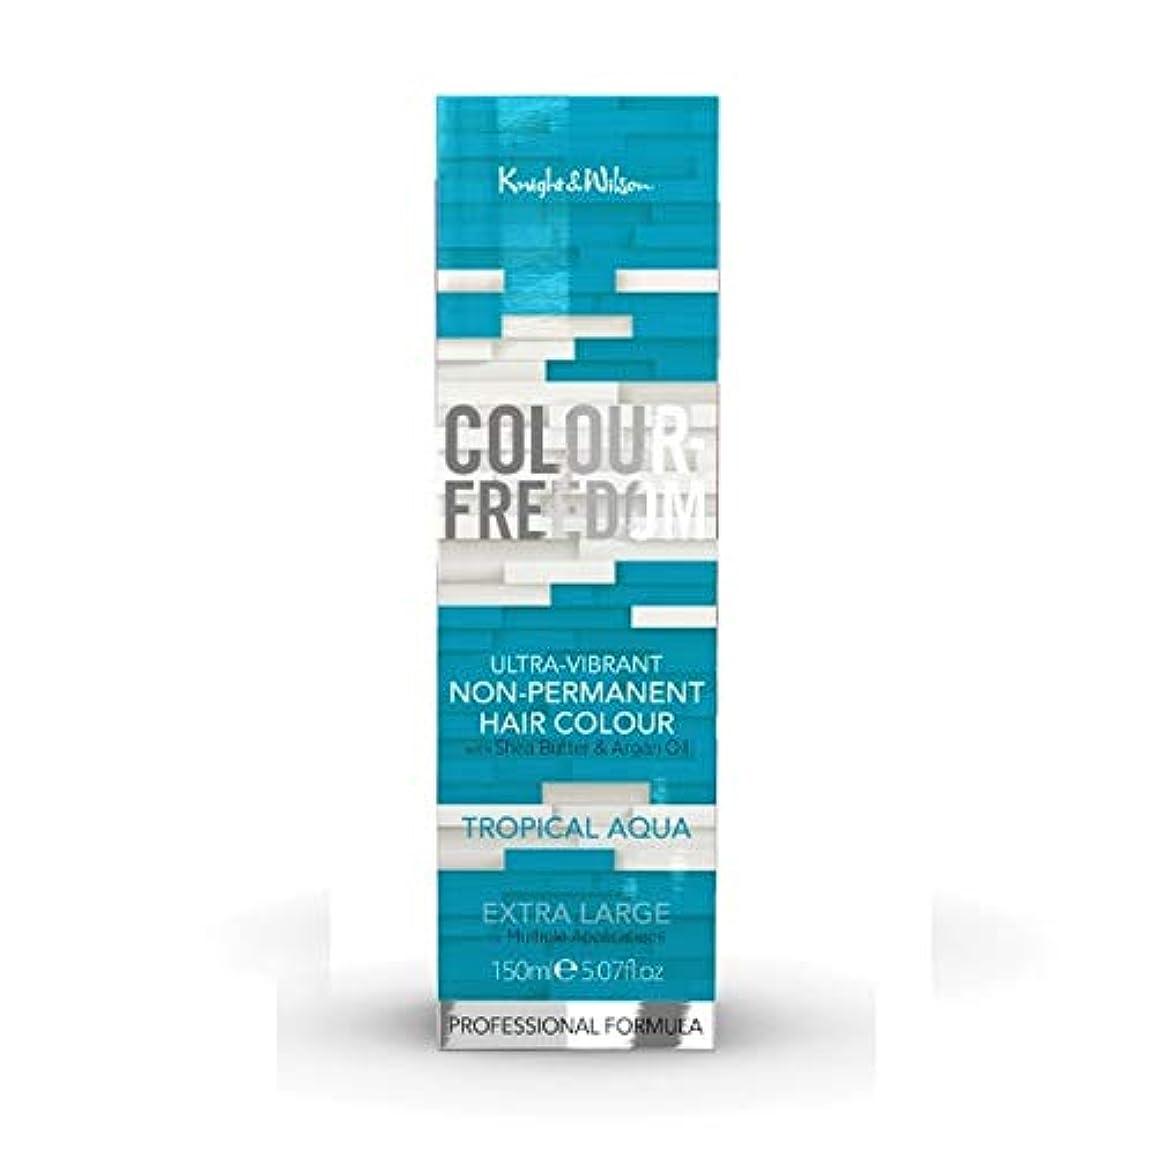 前提条件思い出す不利益[Colour Freedom ] 色自由熱帯アクア041 - Colour Freedom Tropical Aqua 041 [並行輸入品]